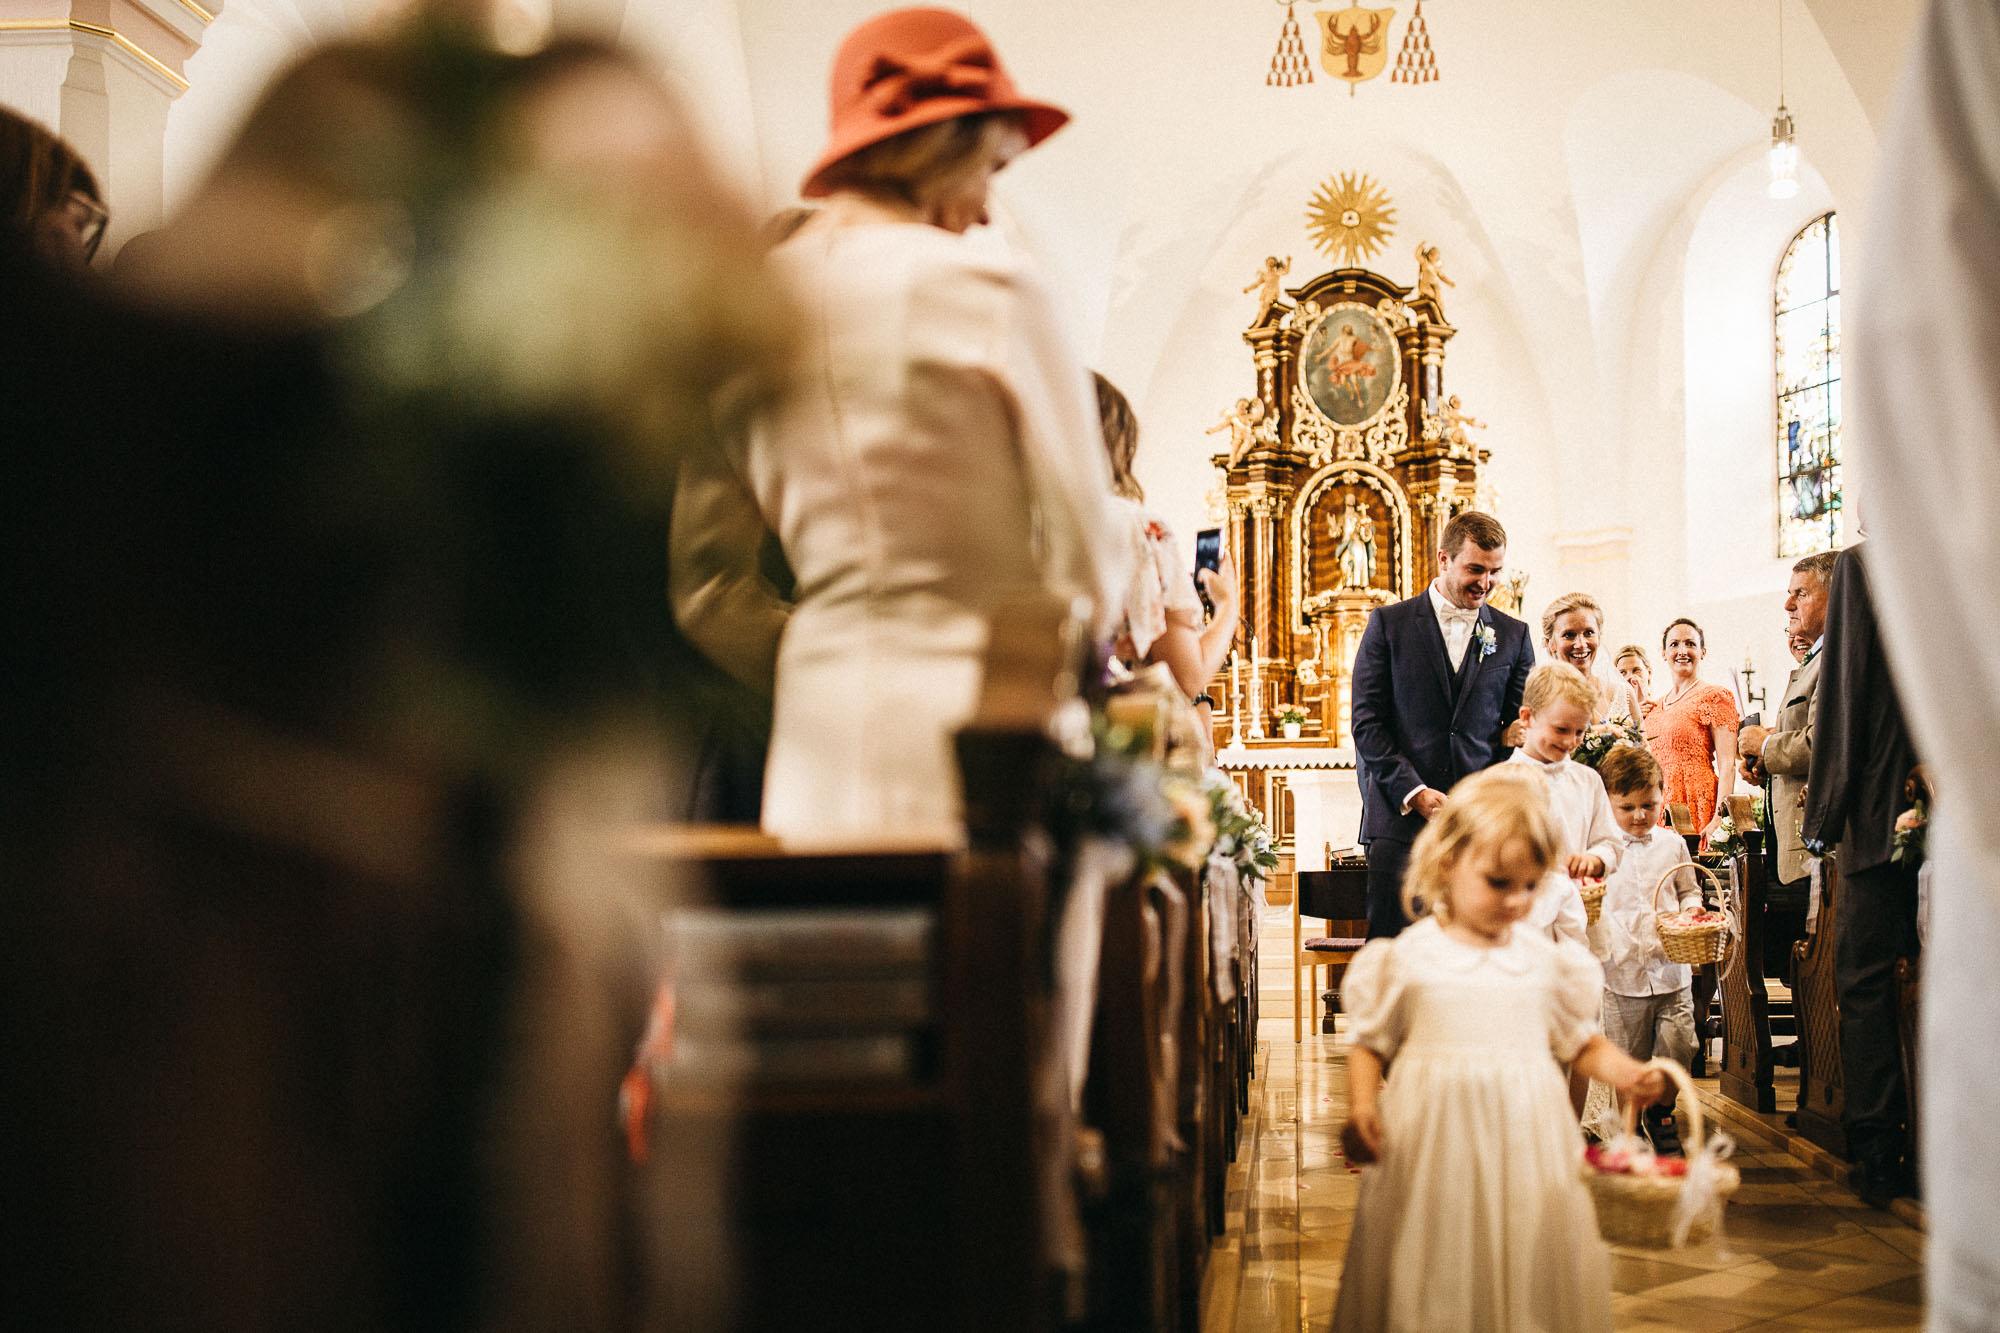 raissa simon photography wedding mosel kloster machern love authentic 226 - Kathrin + Dominik